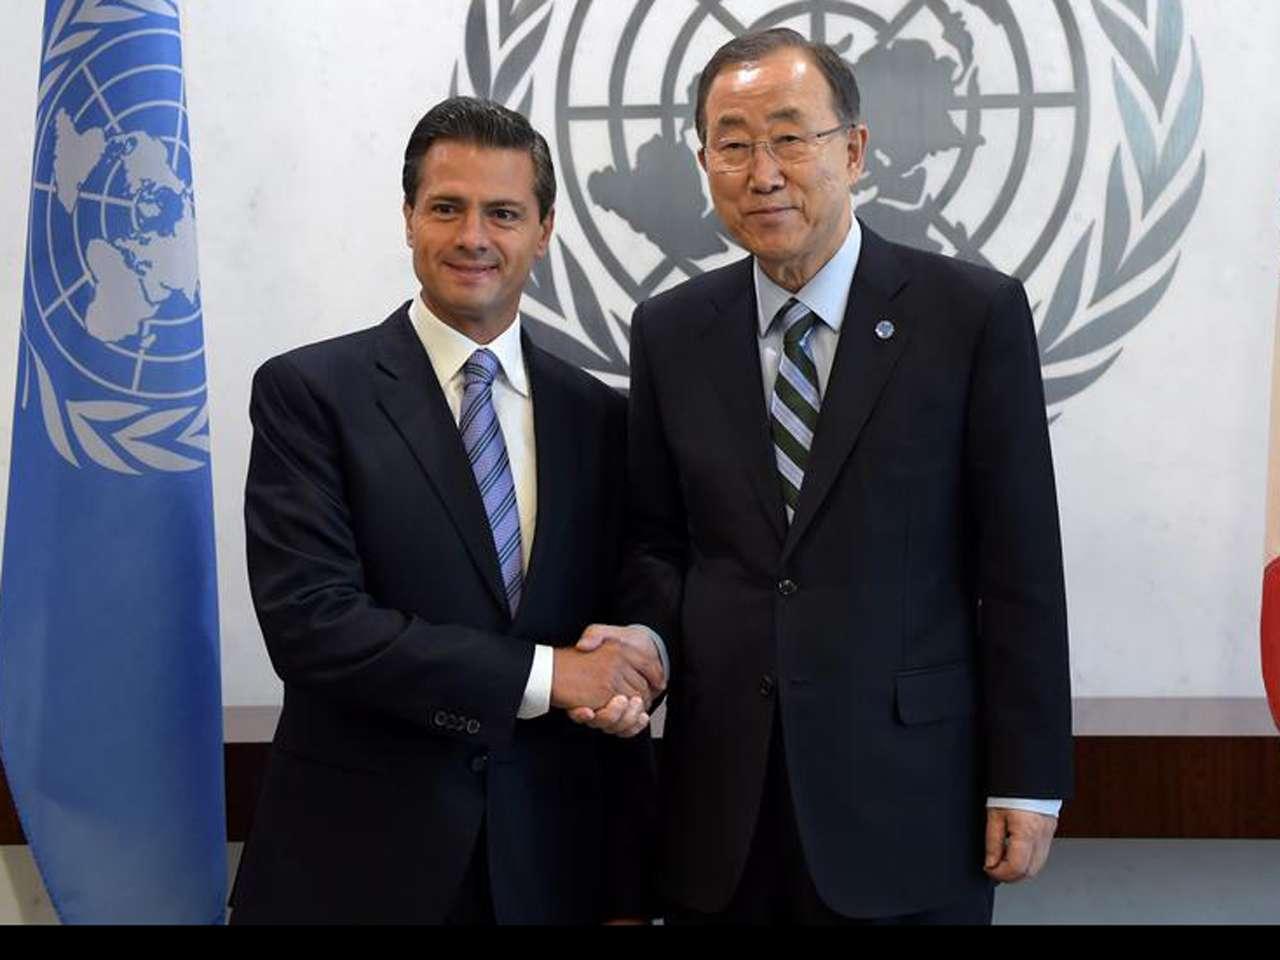 El presidente Peña Nieto hizo énfasis en los conflictos que esta organización afronta en distintas regiones del mundo, particularmente en Siria, Irak y la Franja de Gaza Foto: Presidencia de México